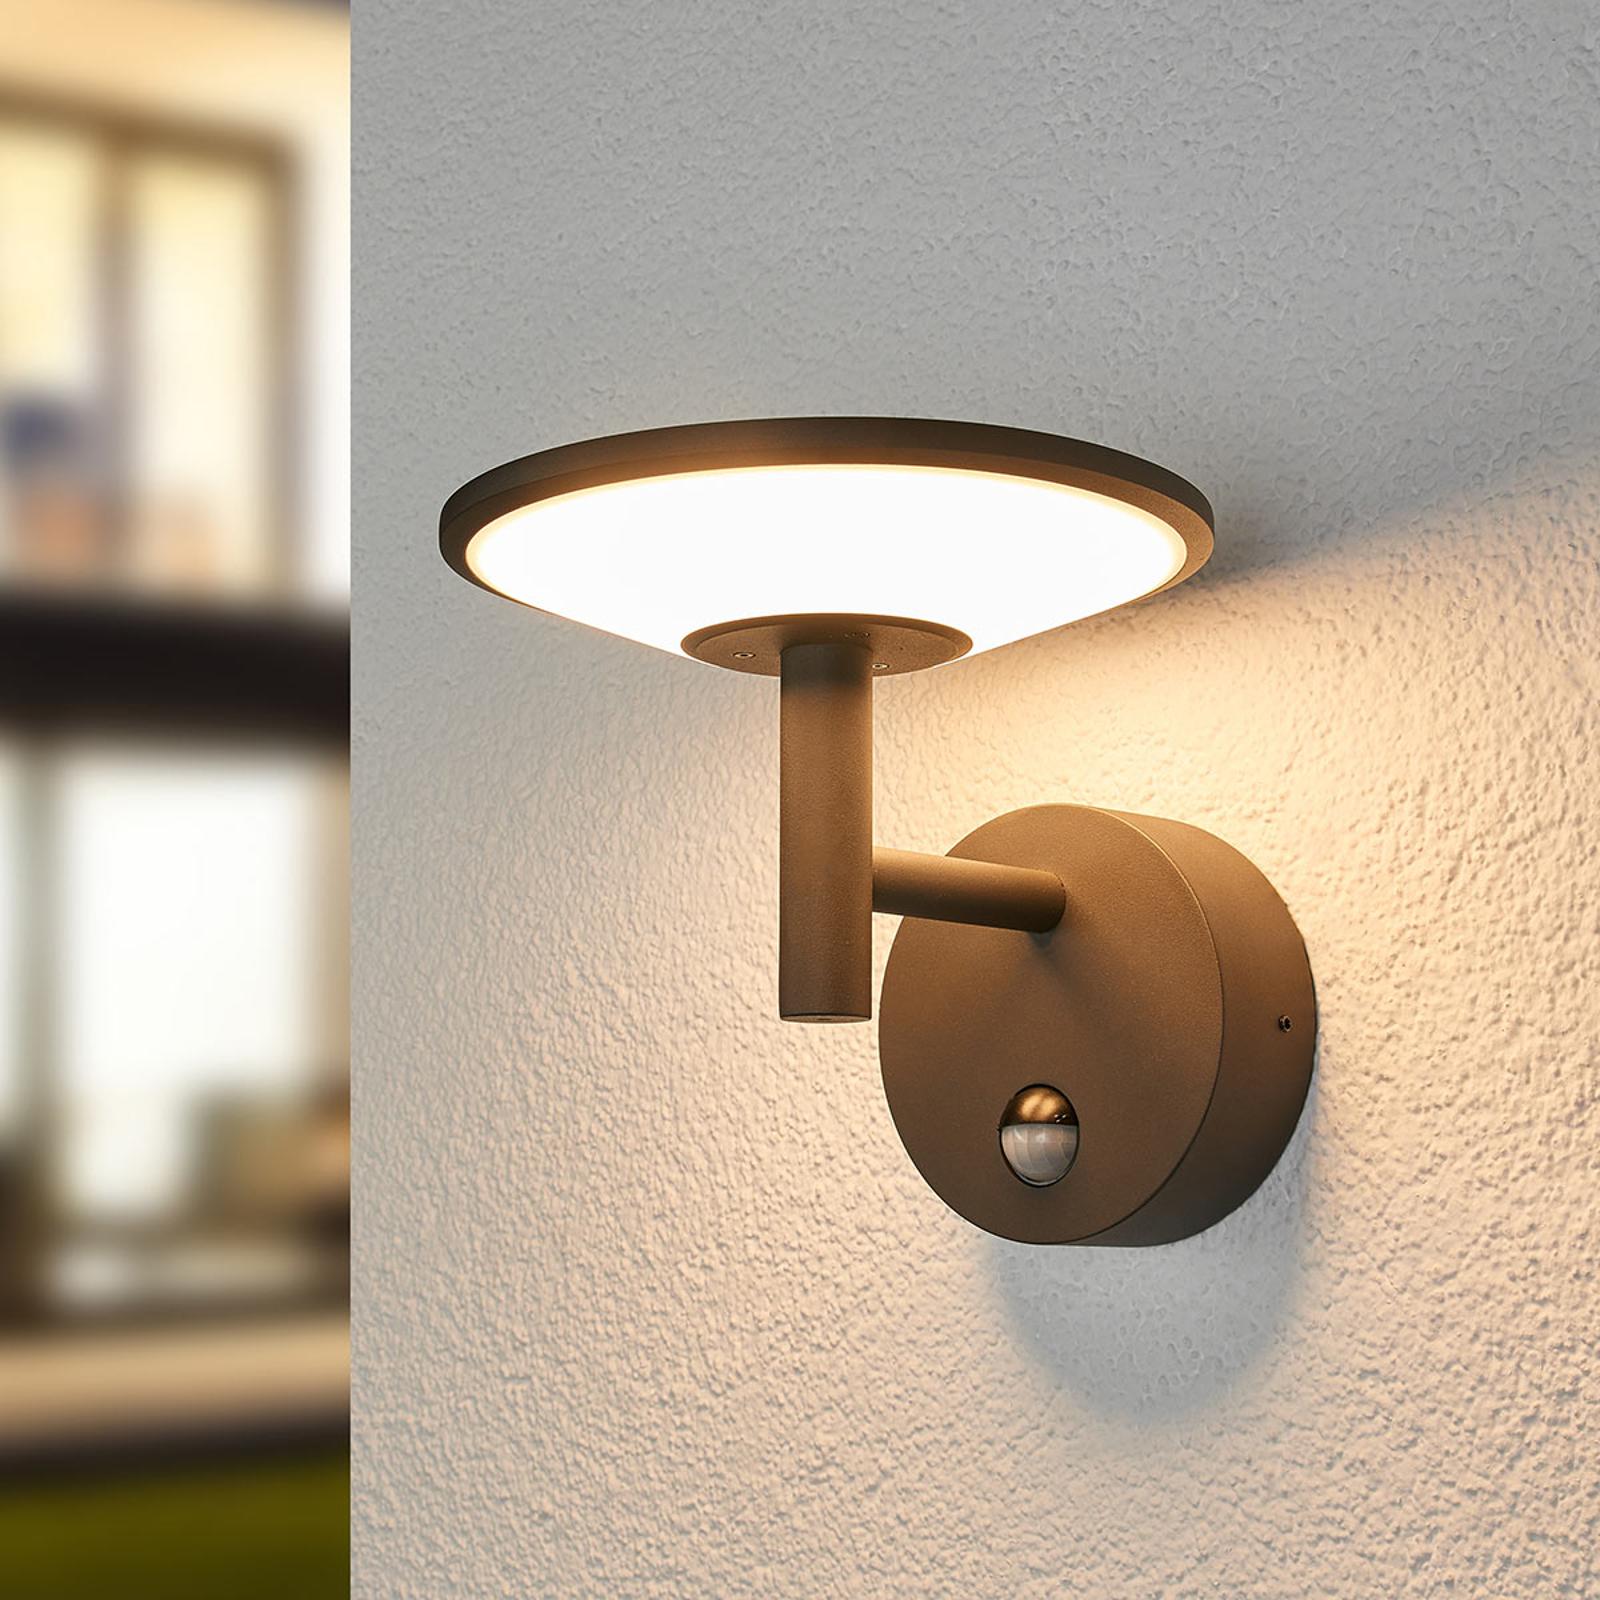 Applique d'extérieur LED Fenia, capteur mouvement